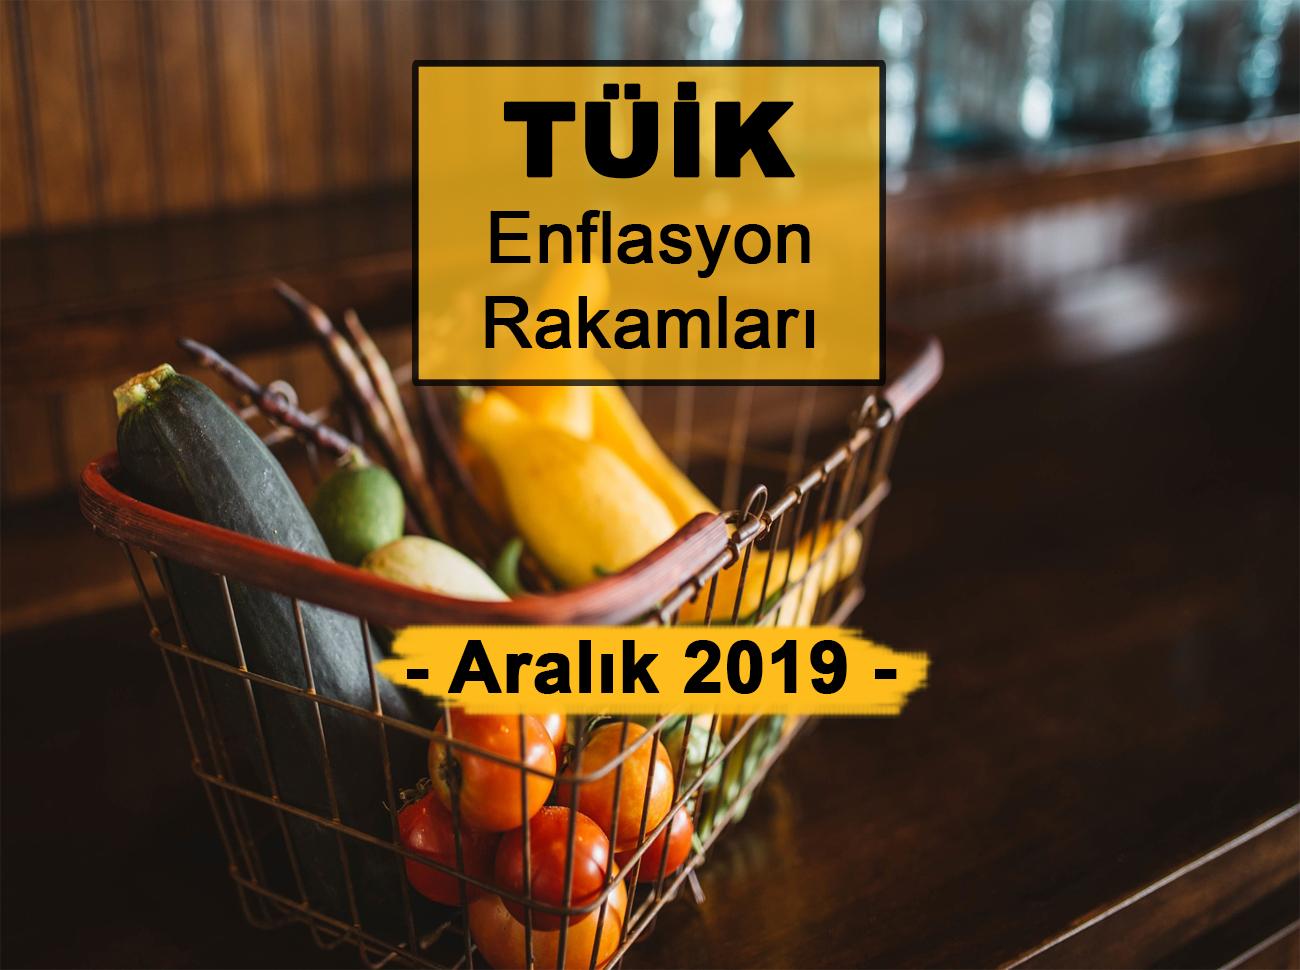 Enflasyon Rakamları (Aralık 2019)